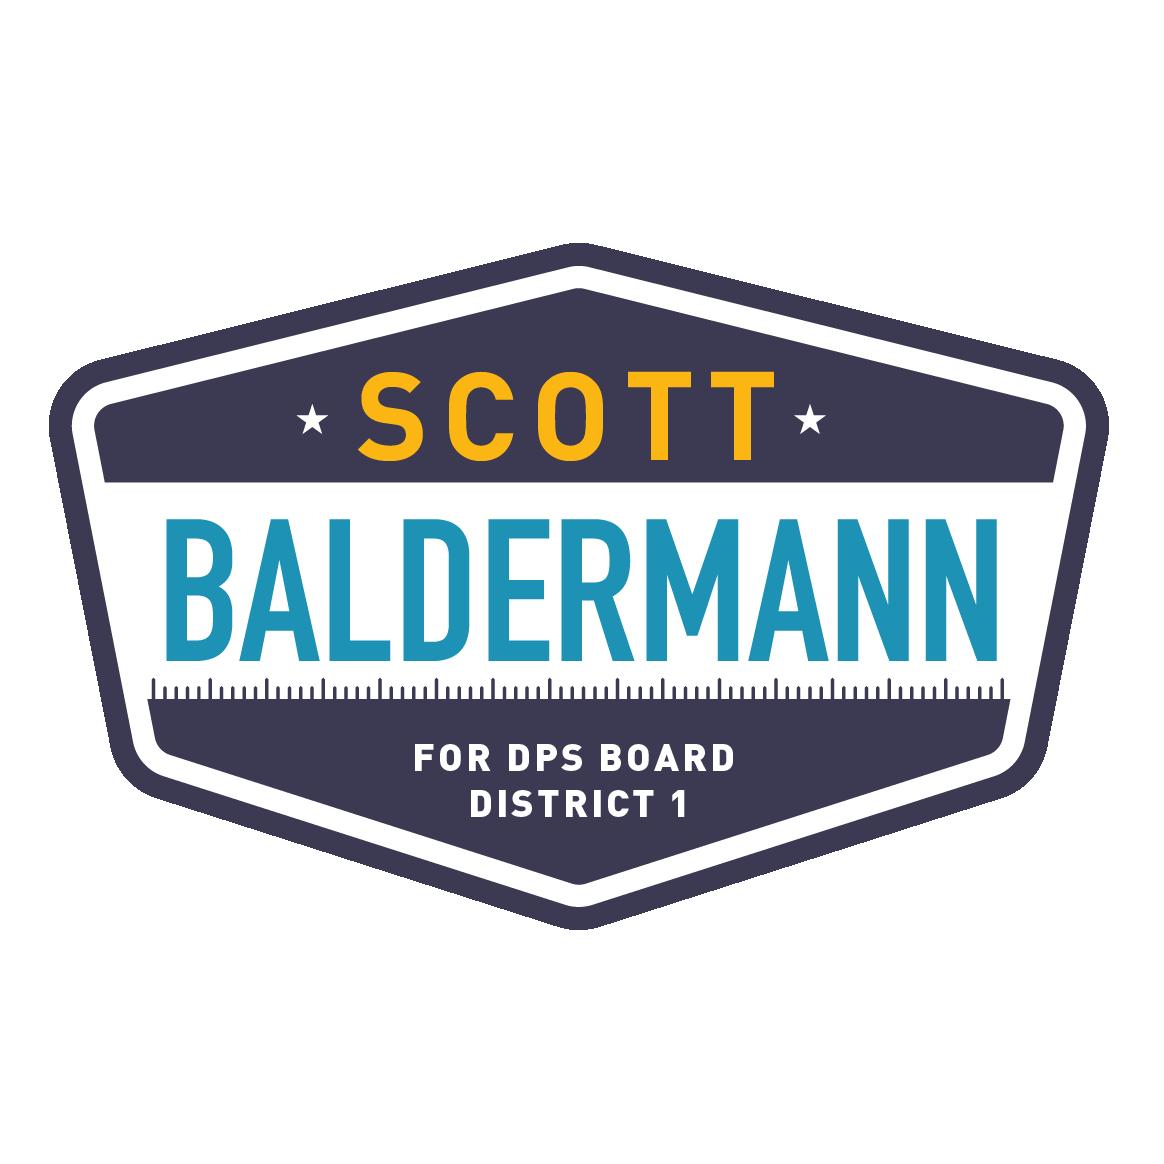 Scott Baldermann